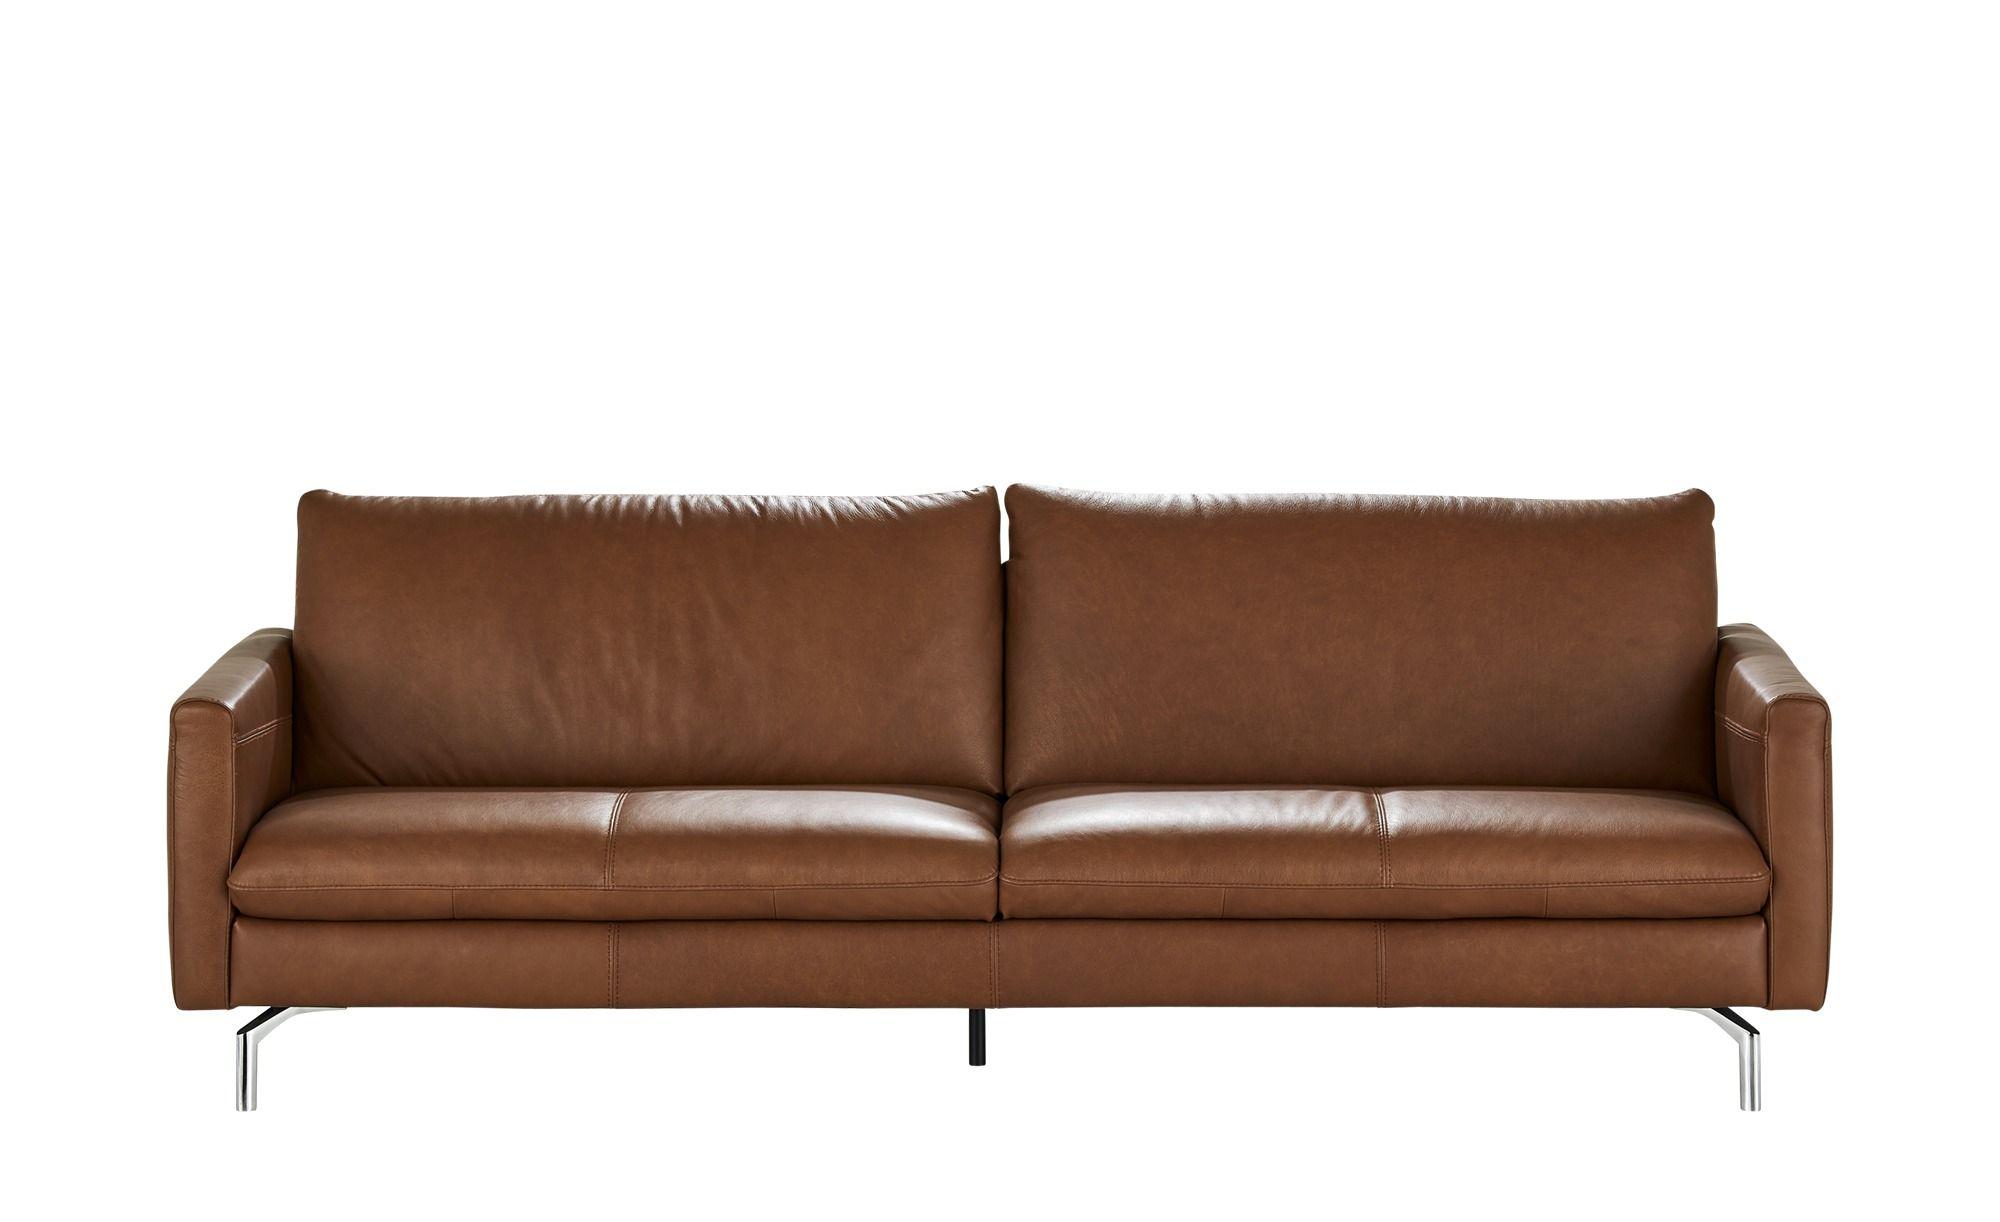 Natuzzi Editions Leder Sofa Premura Braun Masse Cm B 239 H